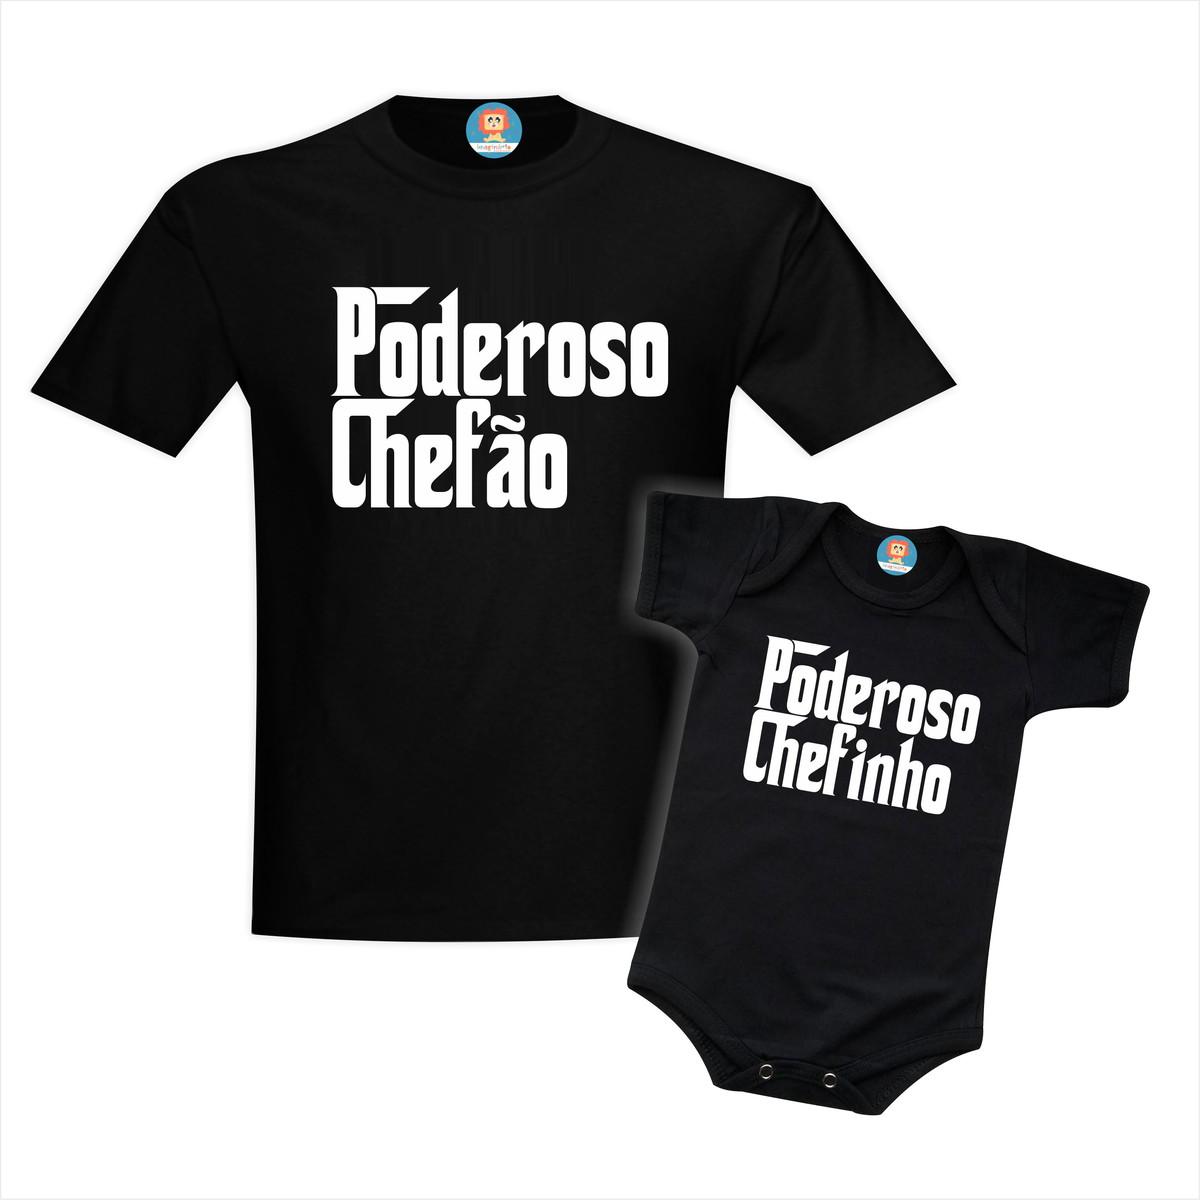 Camisetas Tal Pai Tal Filho(a) Poderoso Chefão e Chefinho(a)